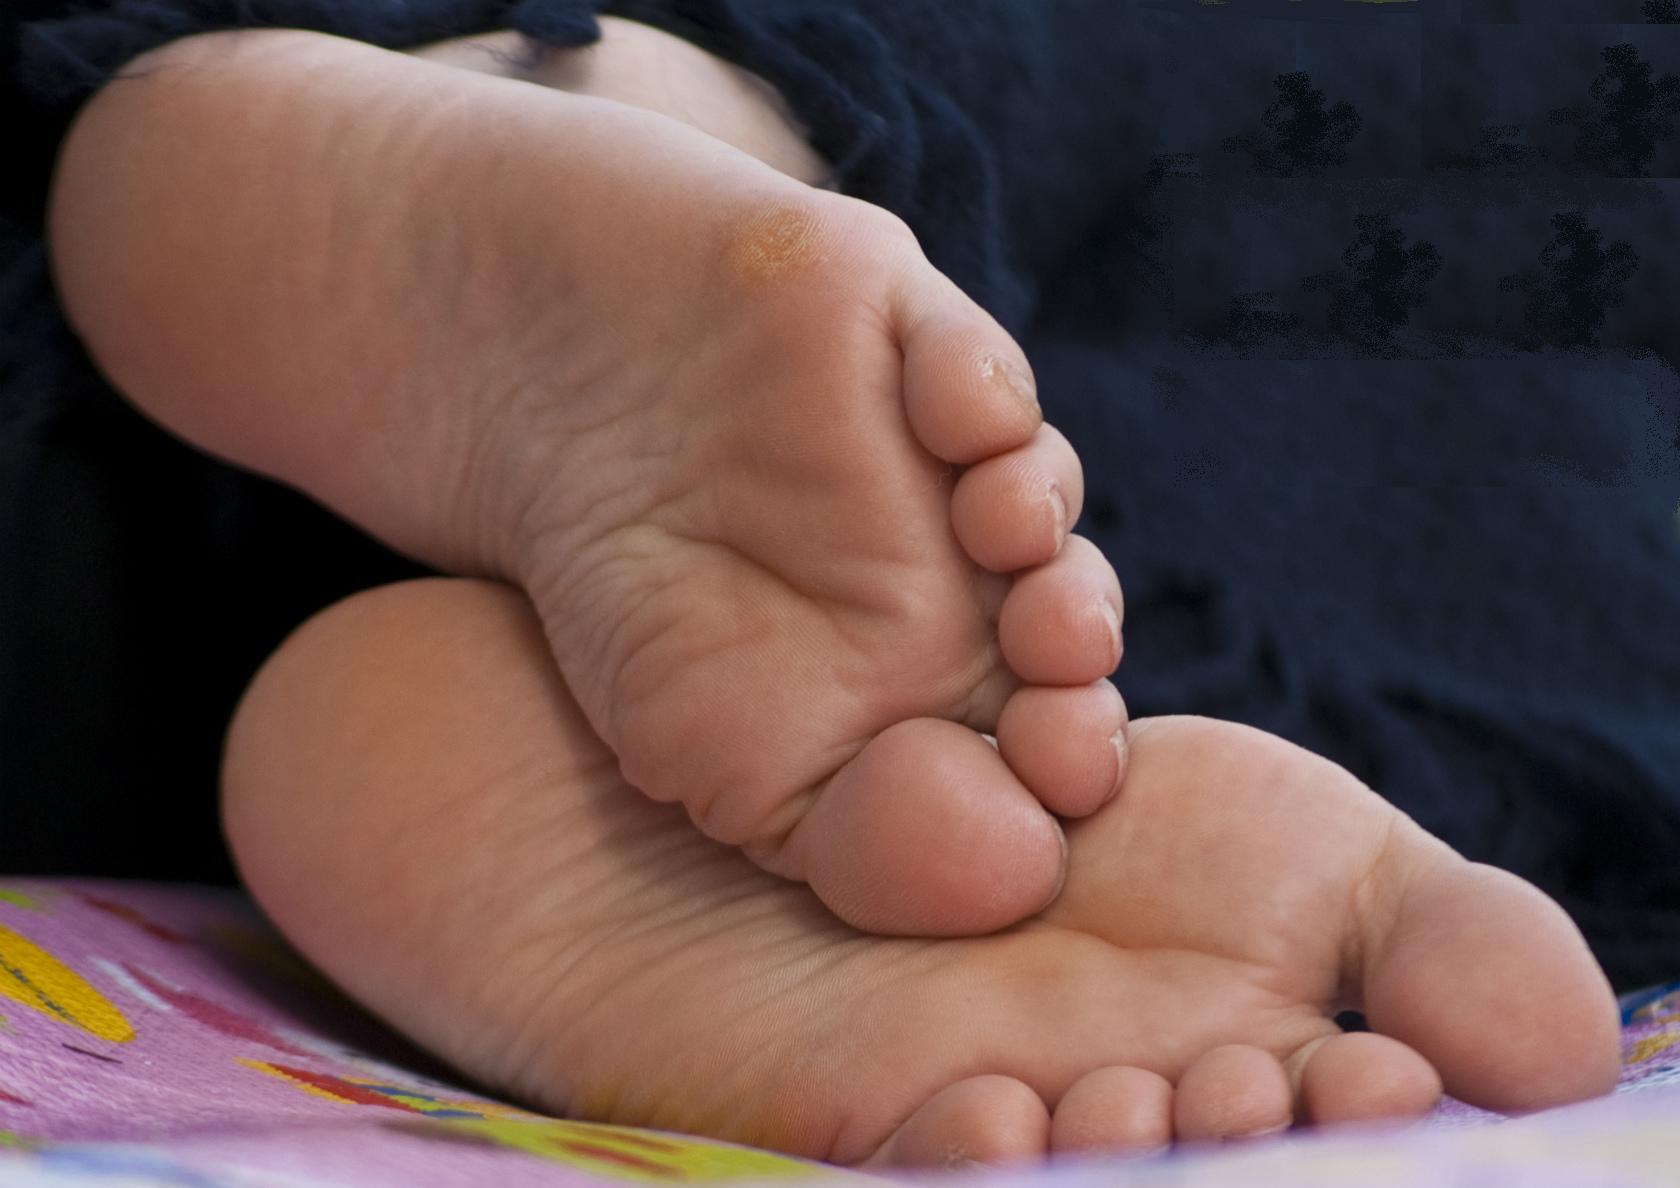 【足裏エロ画像】眺めると浮かんでくる女の子の足裏に秘められた魅力www 11